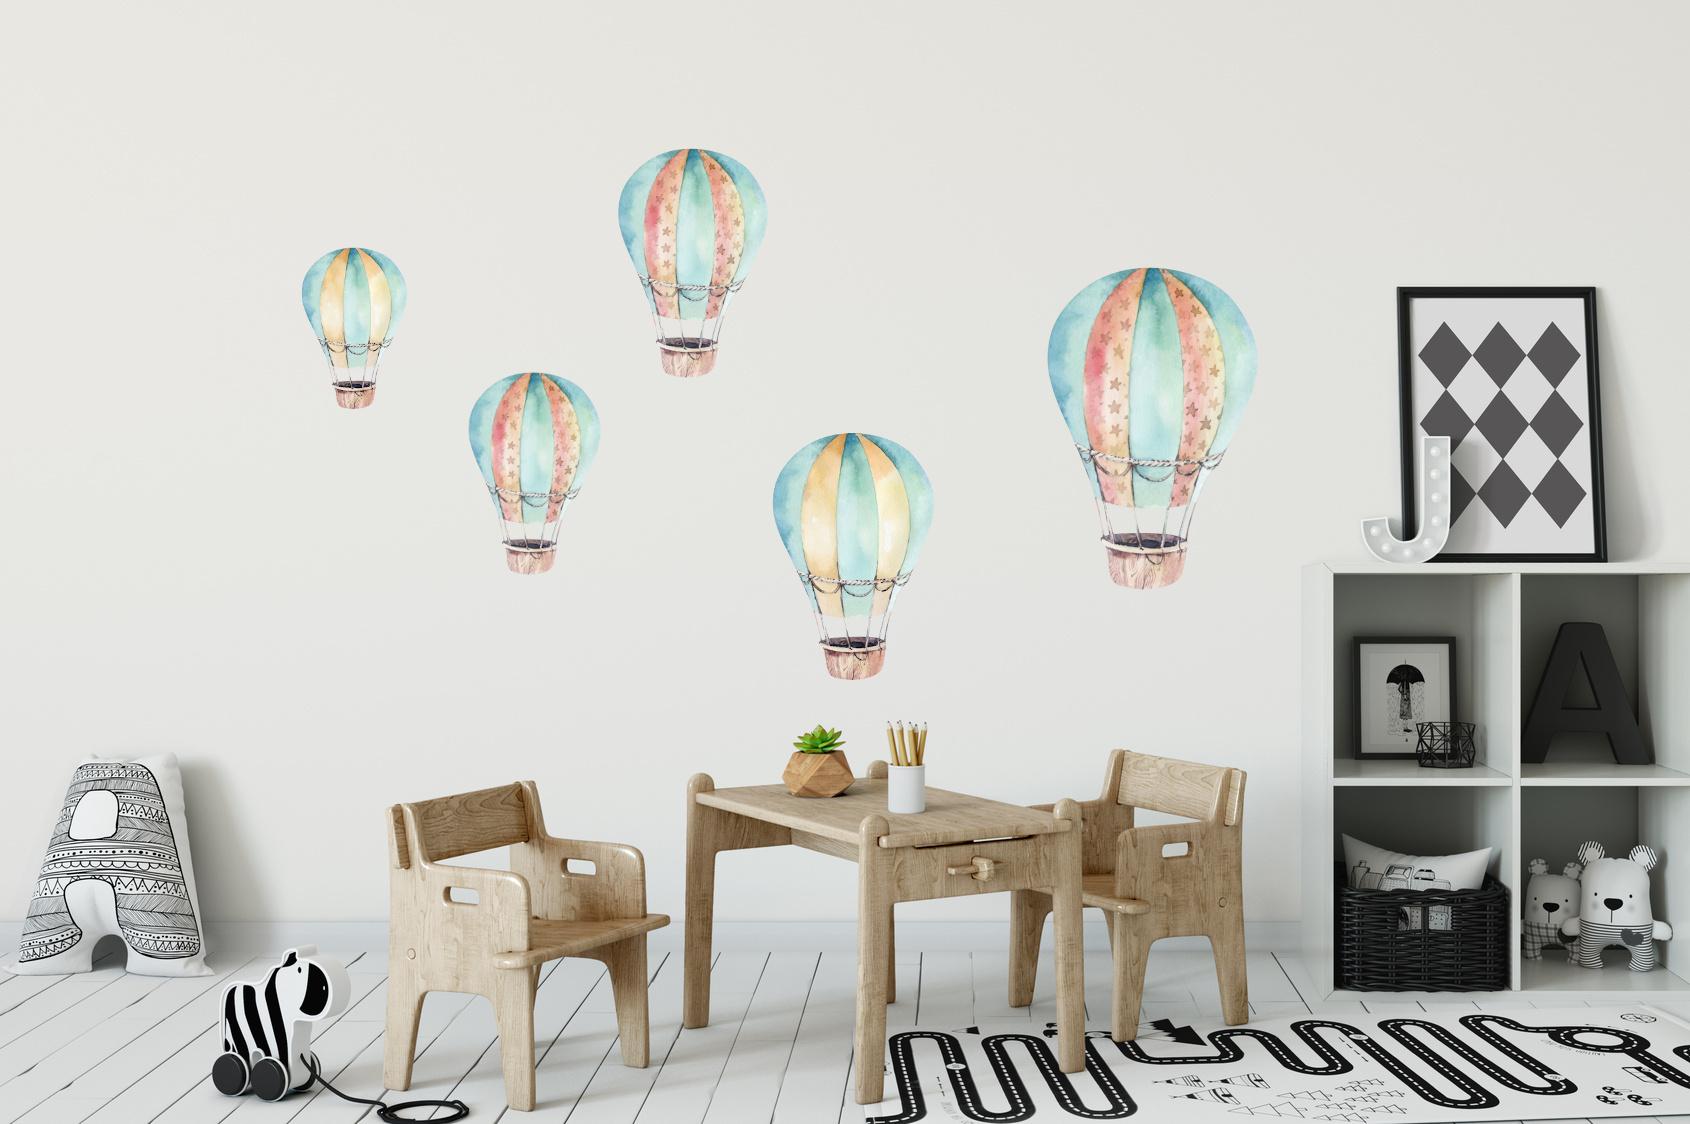 wizualizacja arkusz balony.jpg